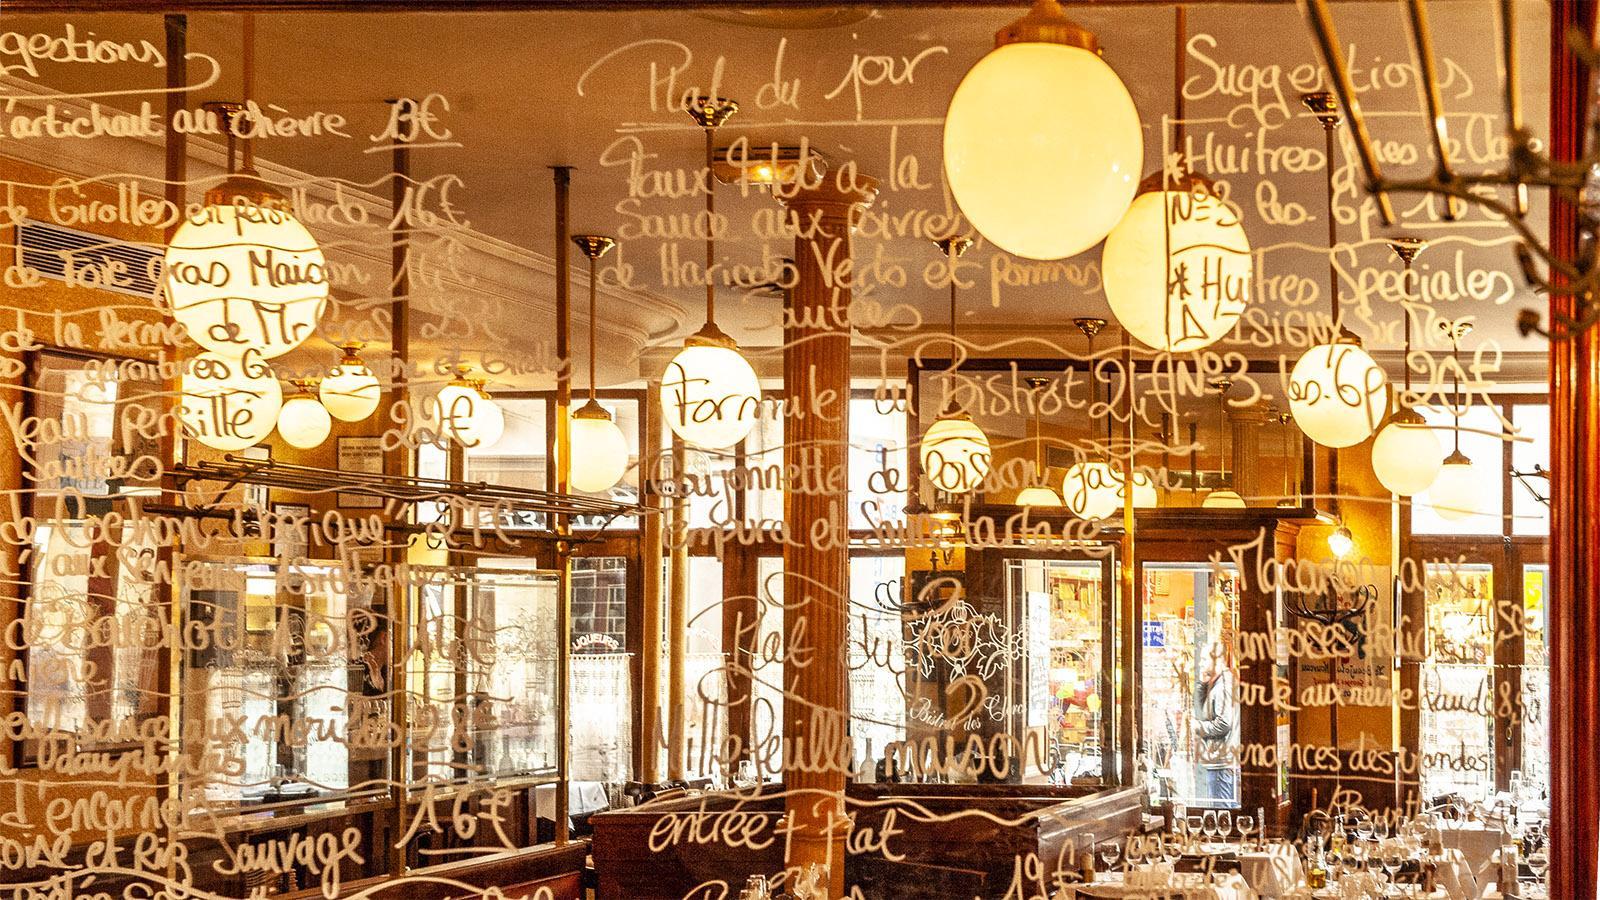 Valence: Als Speisekarte des Bistros des Clercs dient der Spiegel- Foto: Hilke Maunder